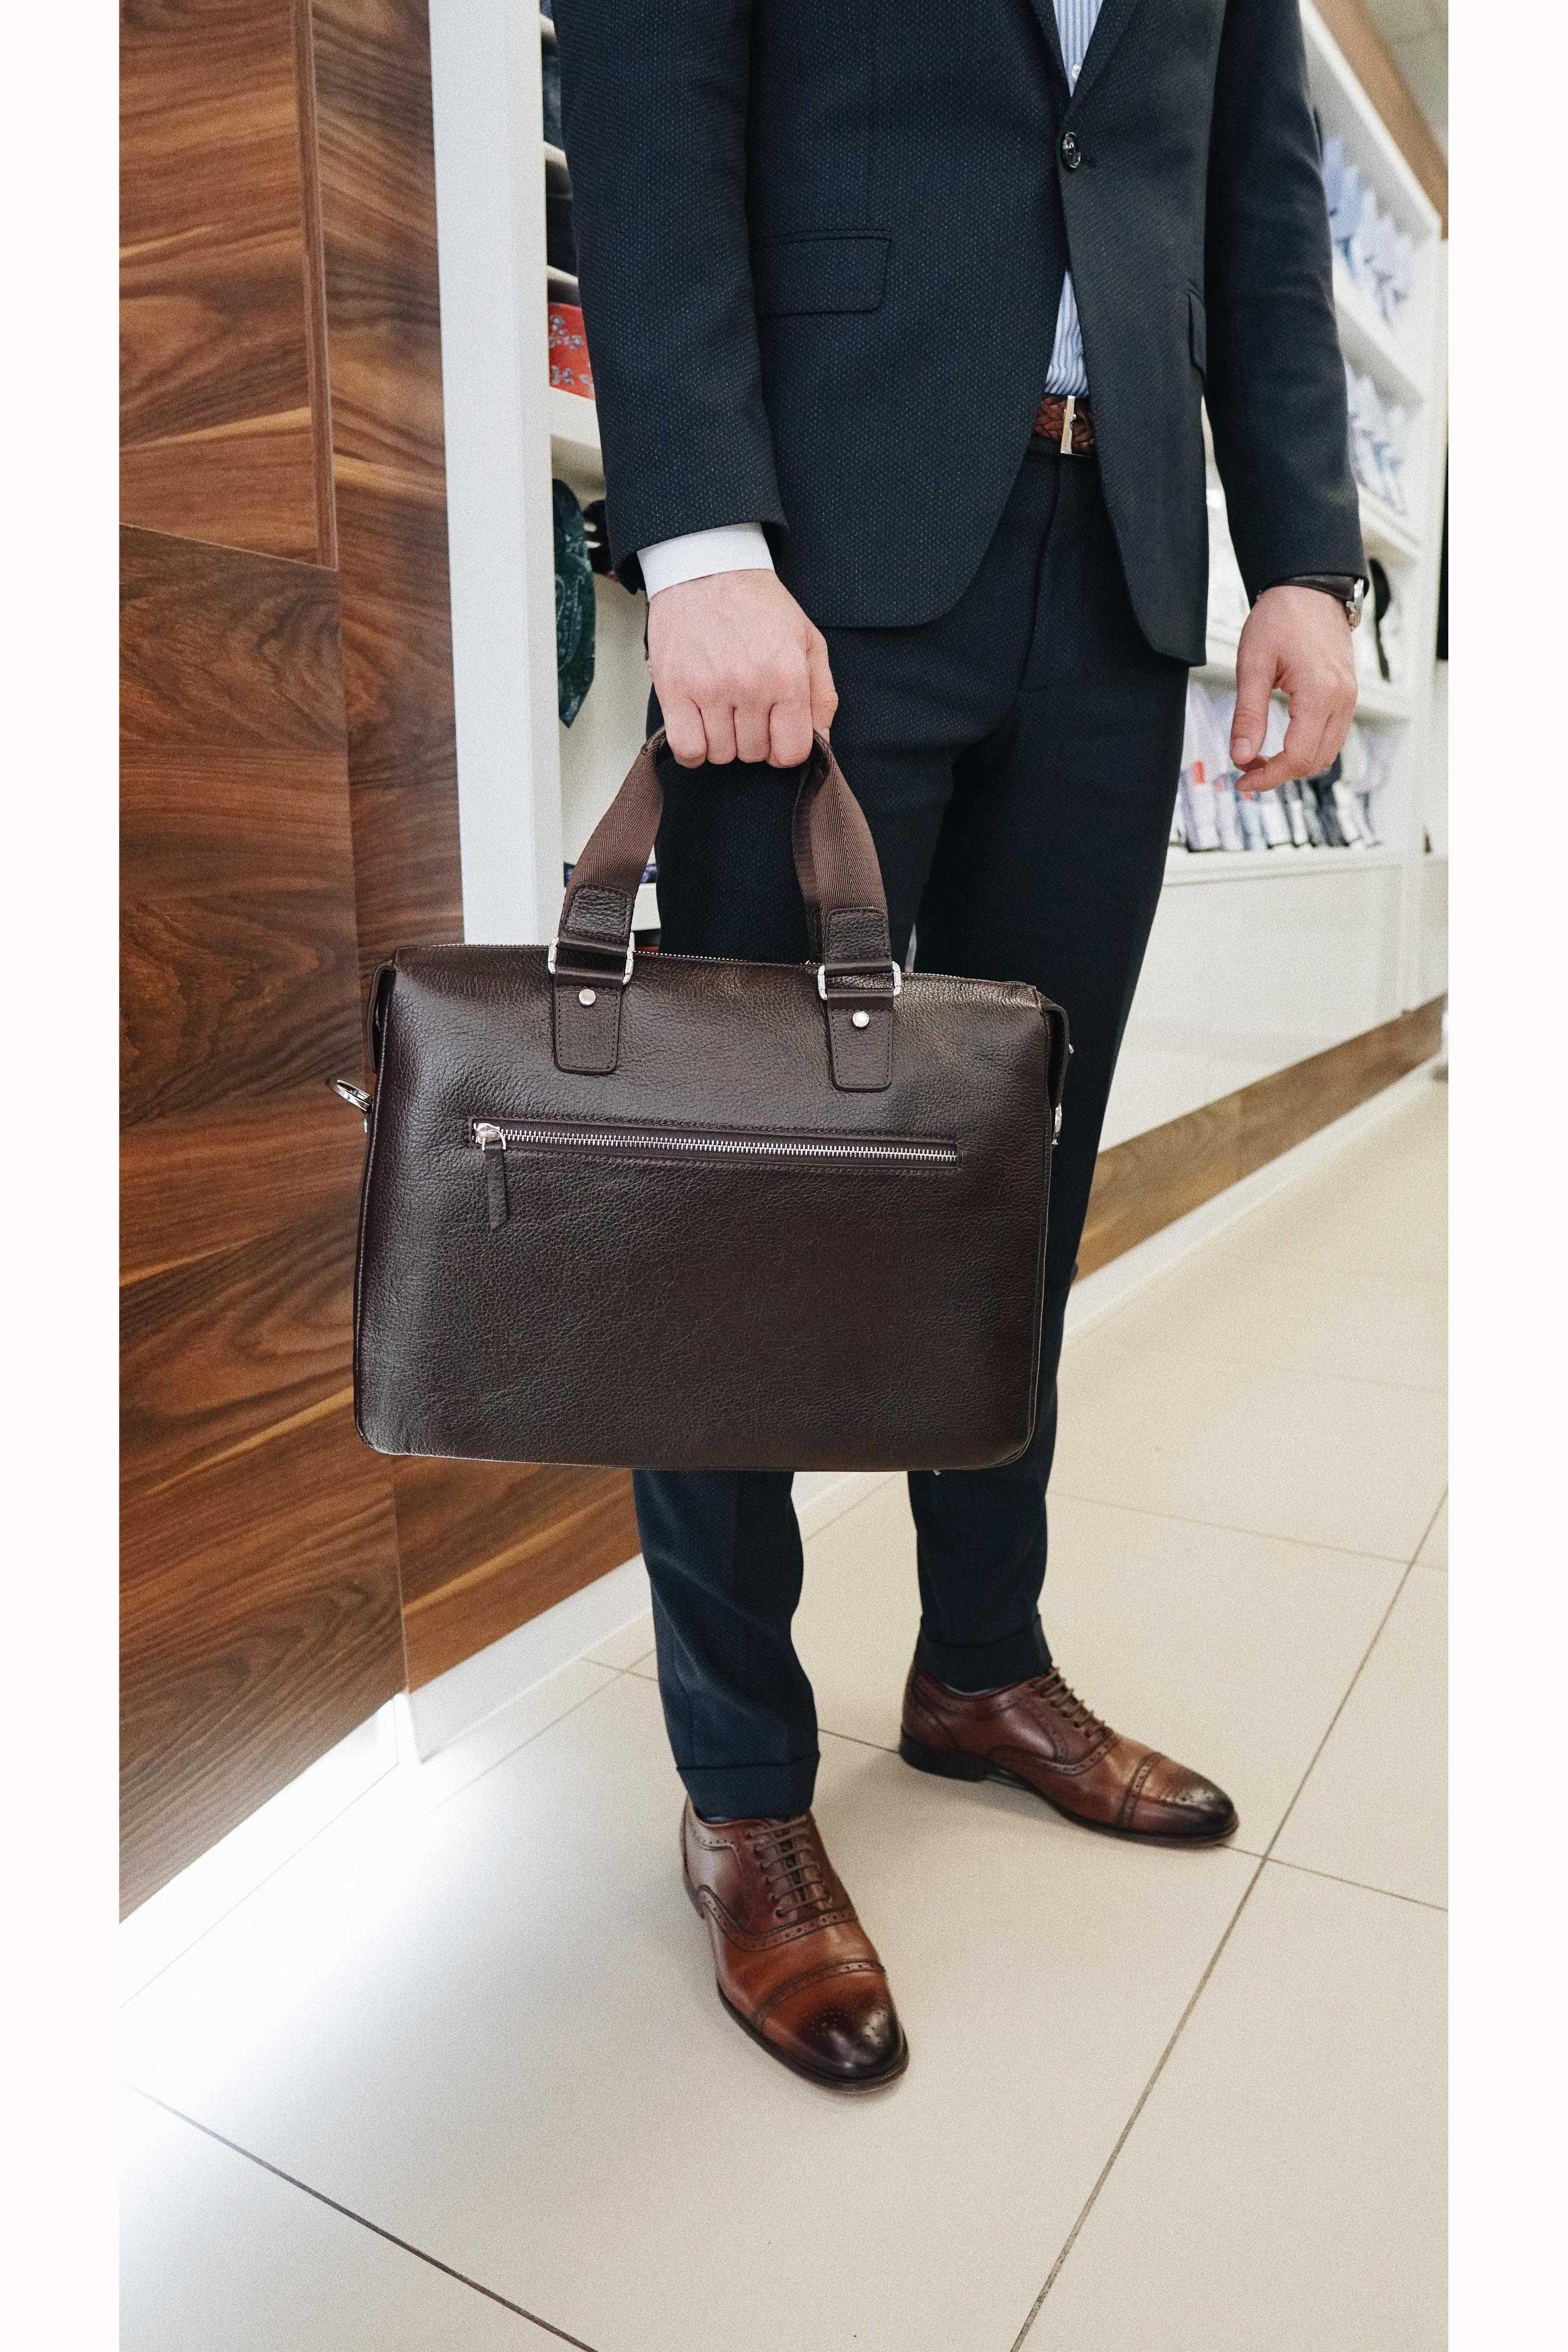 Портфель мужской коричневый, одно отделение, 3 кармана на лицевой стороне